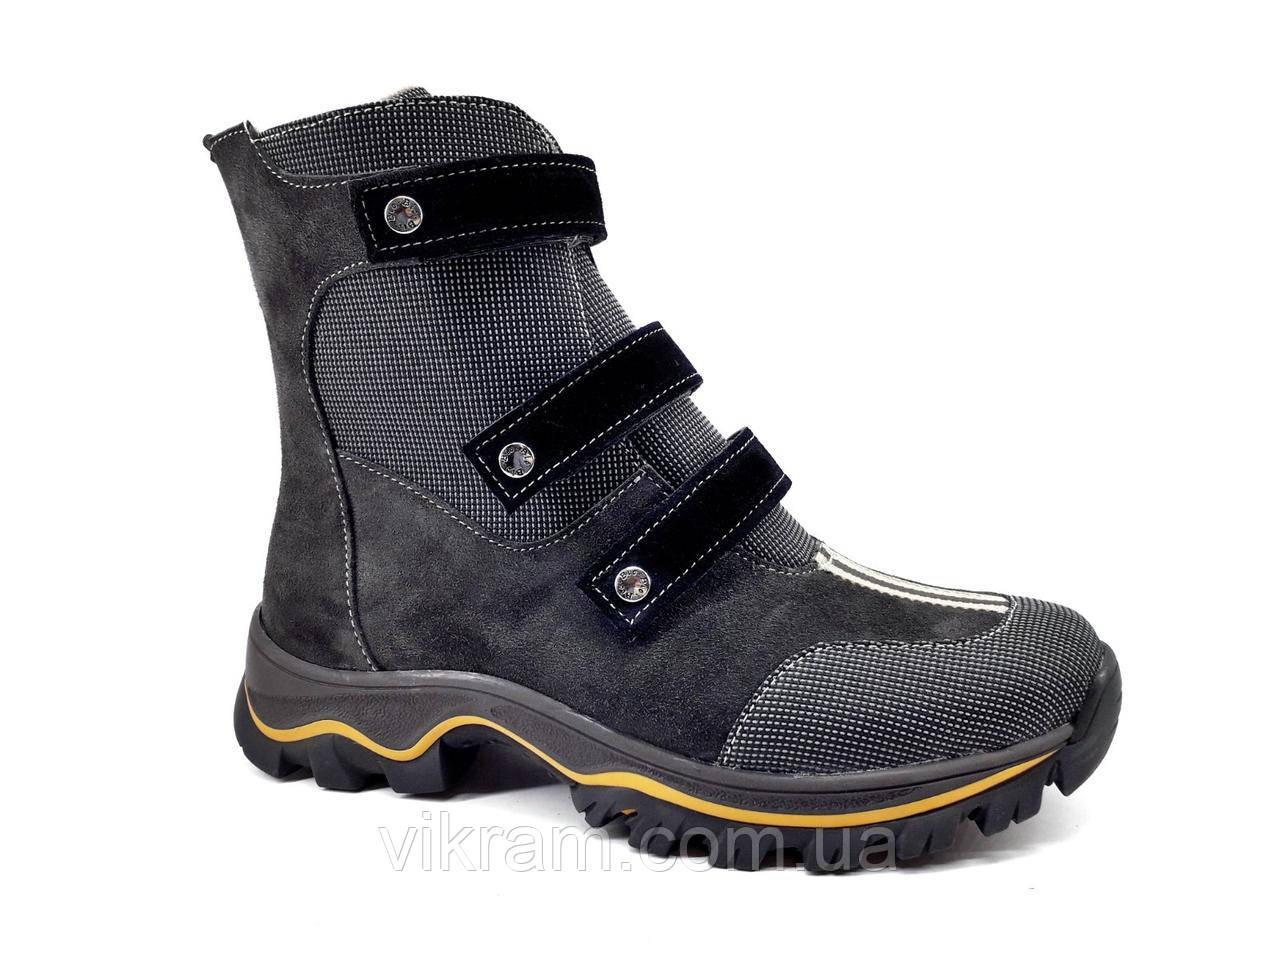 Ортопедическая зимняя обувь для детей VIKRAM.ORTO 32р-40р темно-серые